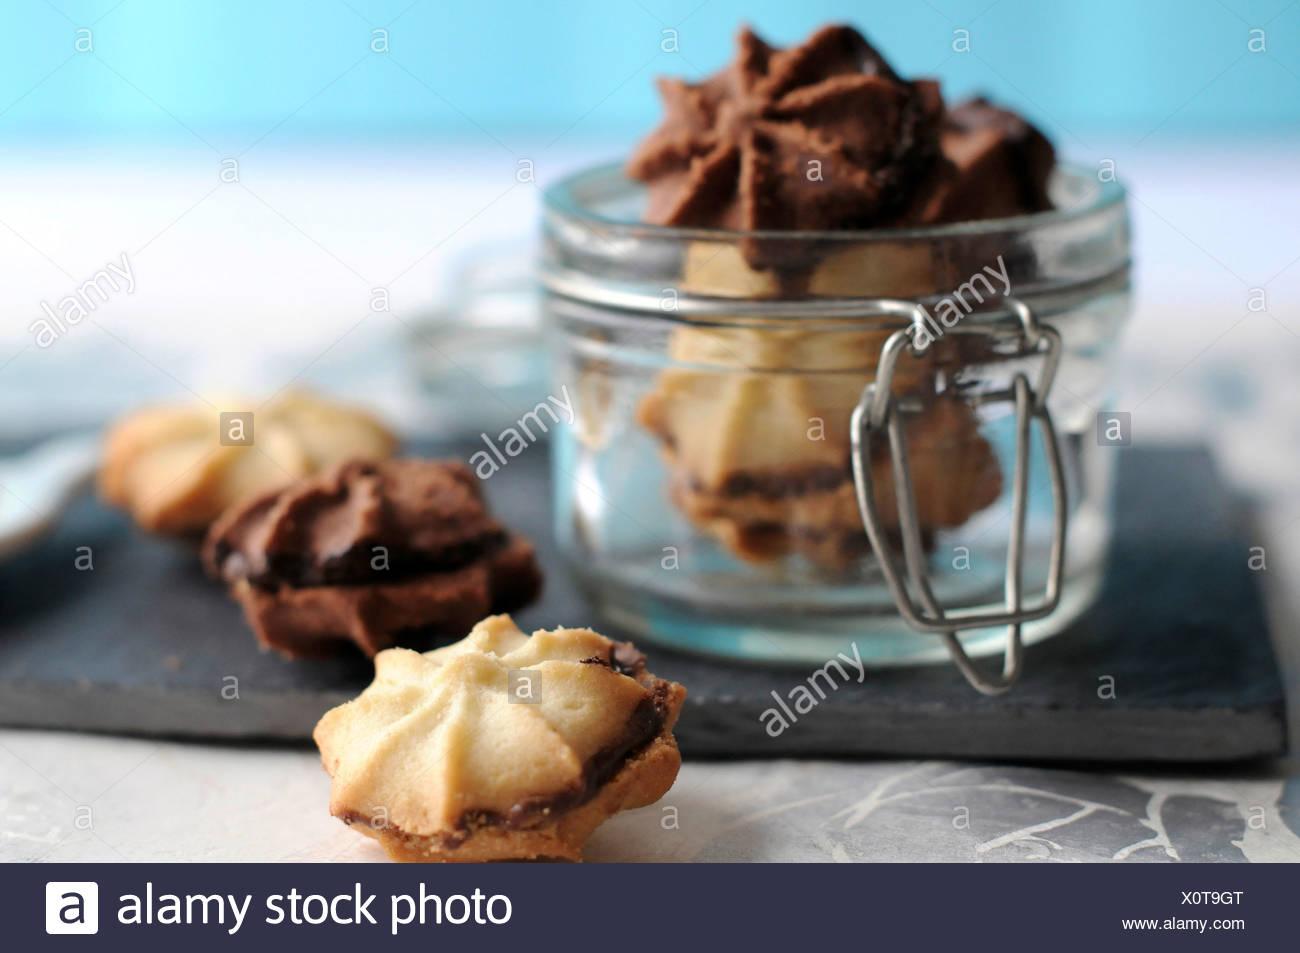 Schokolade und Vanille Kekse mit Schokocreme gefüllt Stockbild